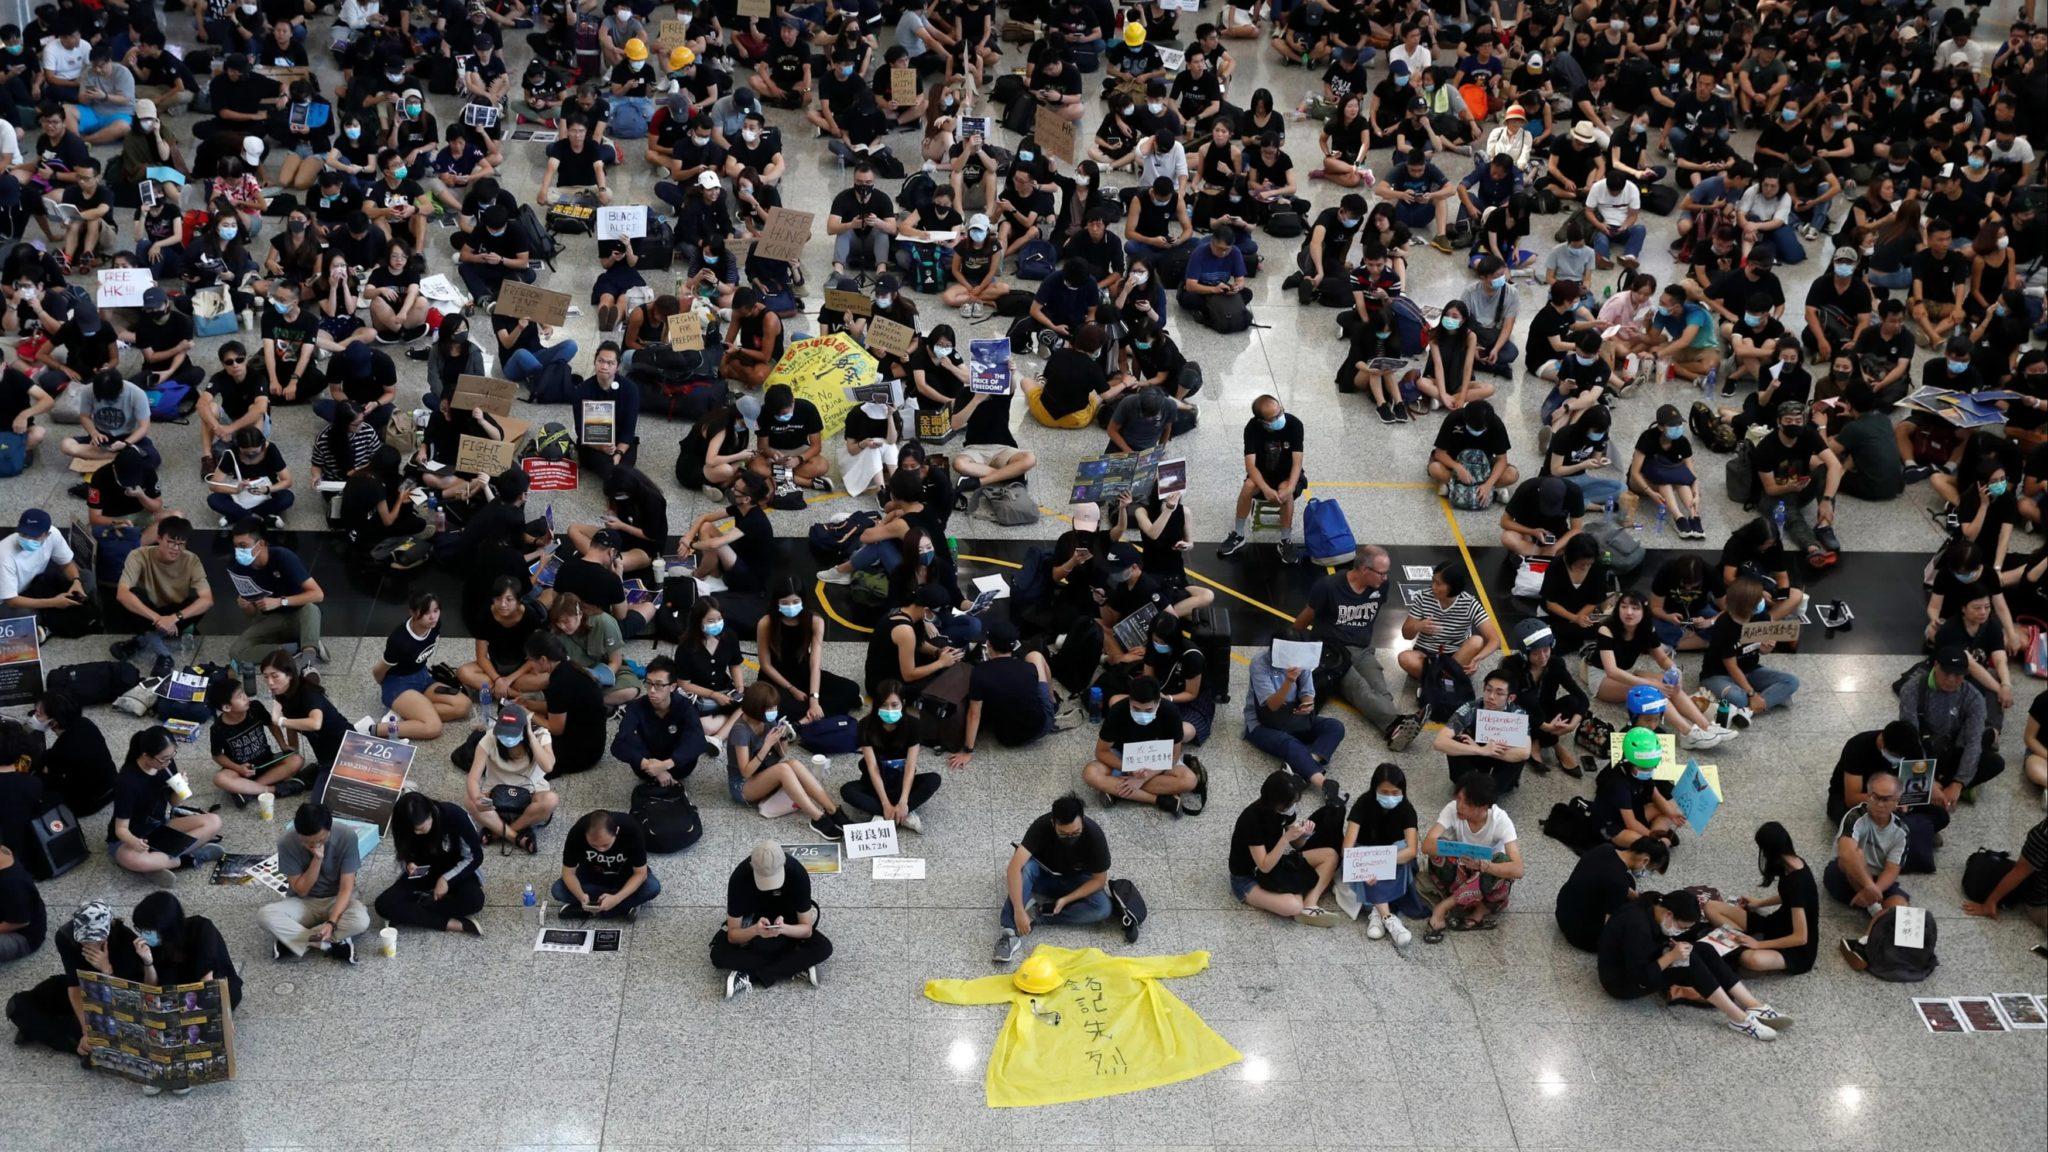 Estados Unidos condenarão lei de segurança nacional em Hong Kong